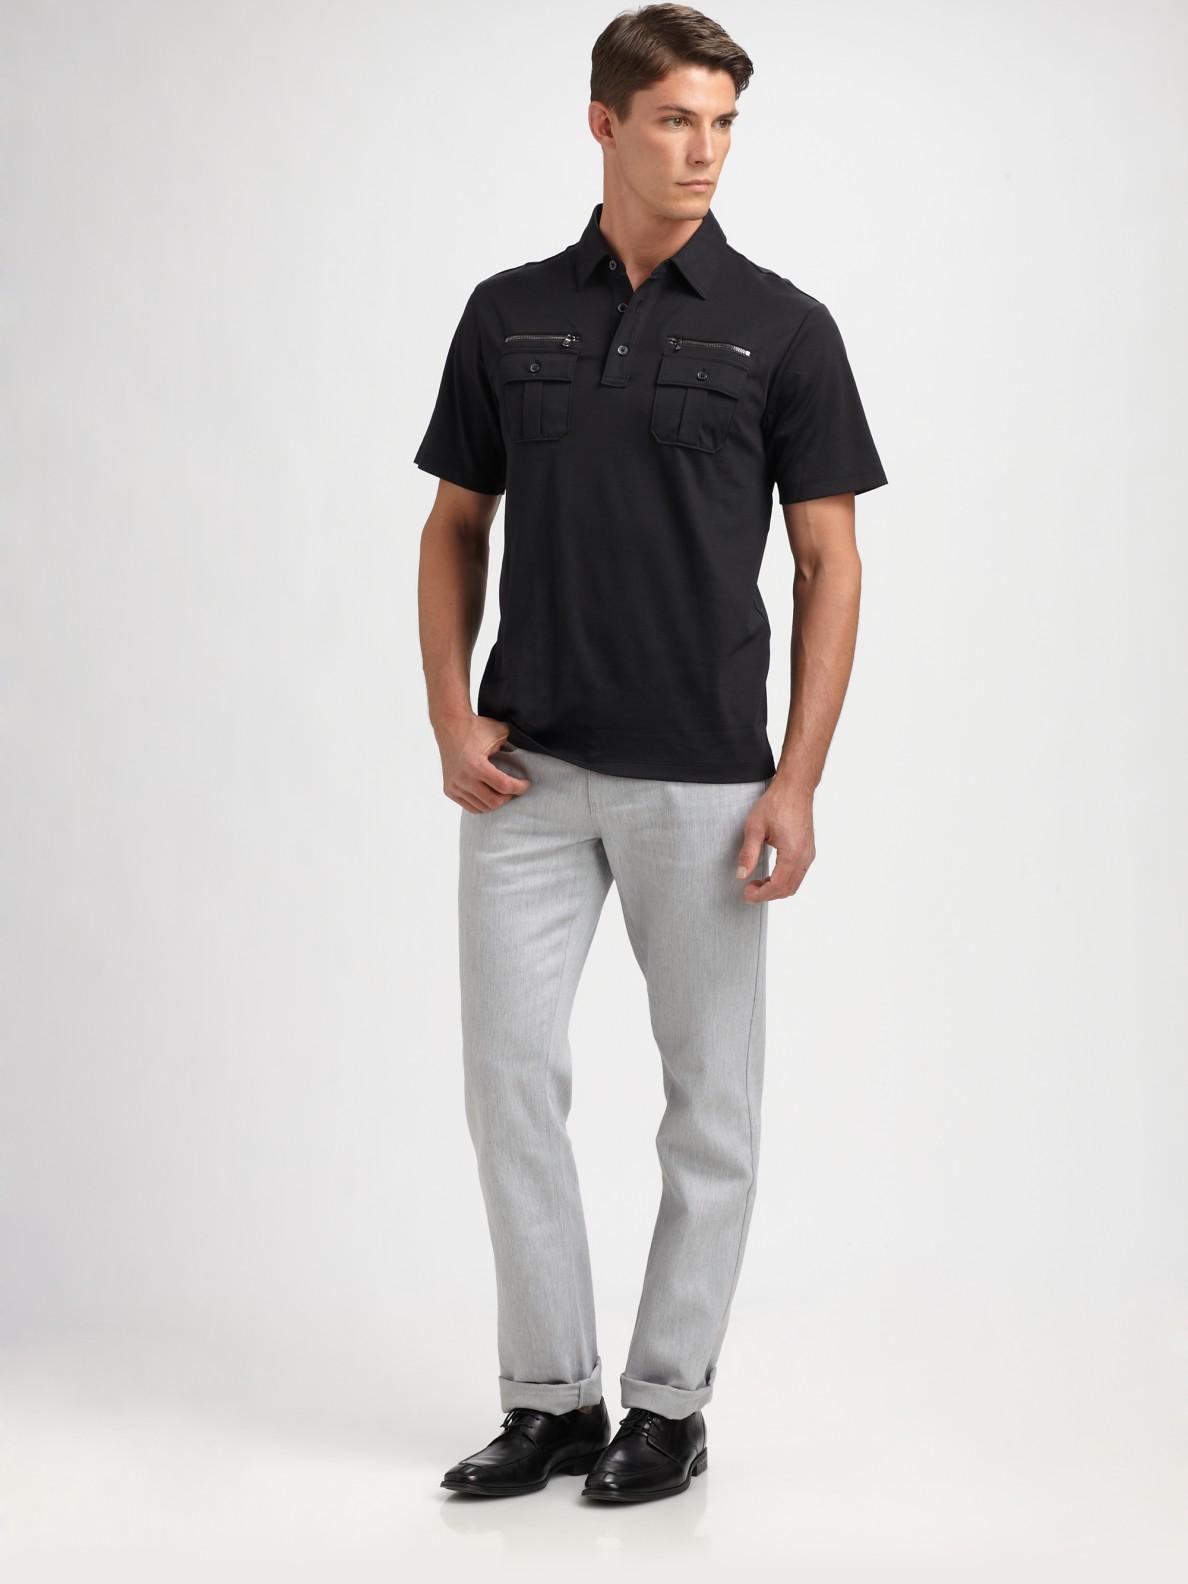 032c6b2d Michael Kors Zipper Pocket Polo Shirt in Black for Men - Lyst